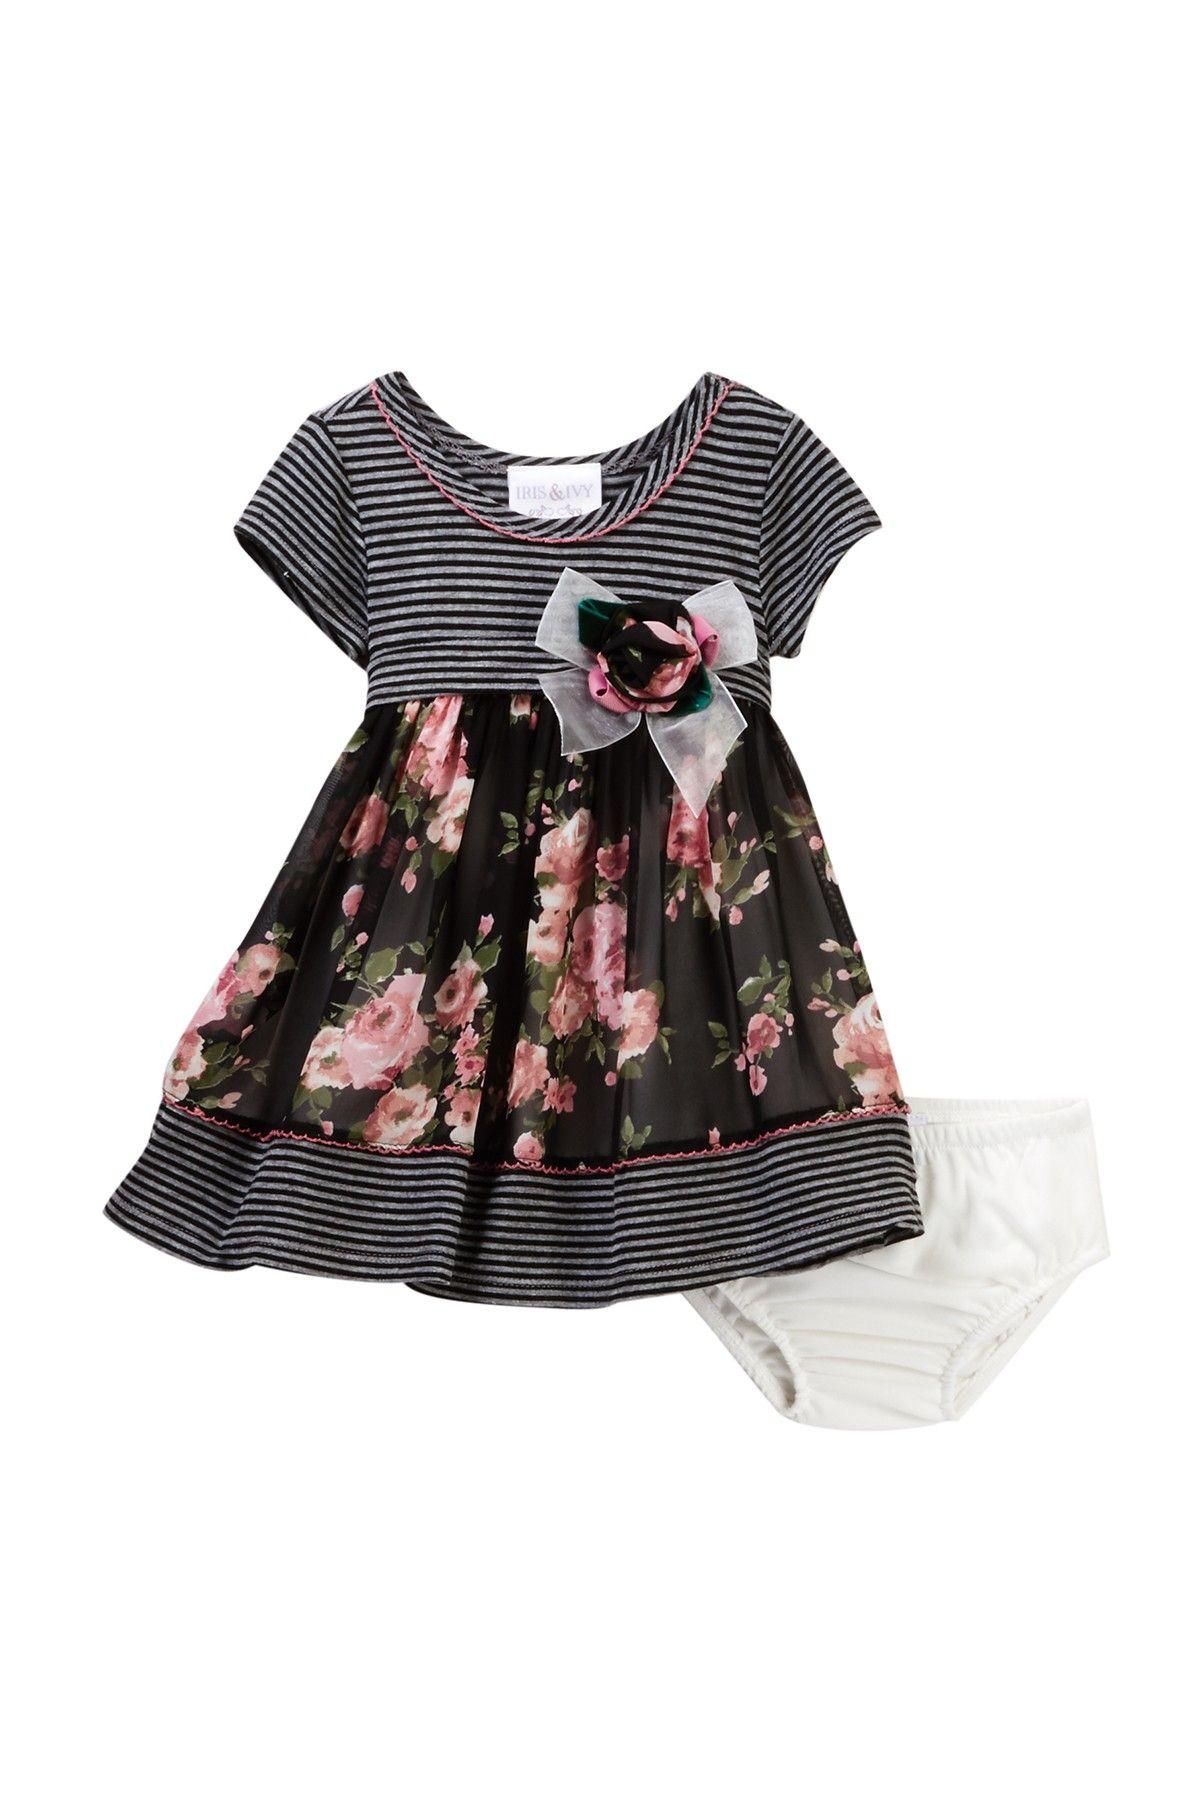 Iris & Ivy Knit & Chiffon Empire Dress Set Baby Girls 12 24M